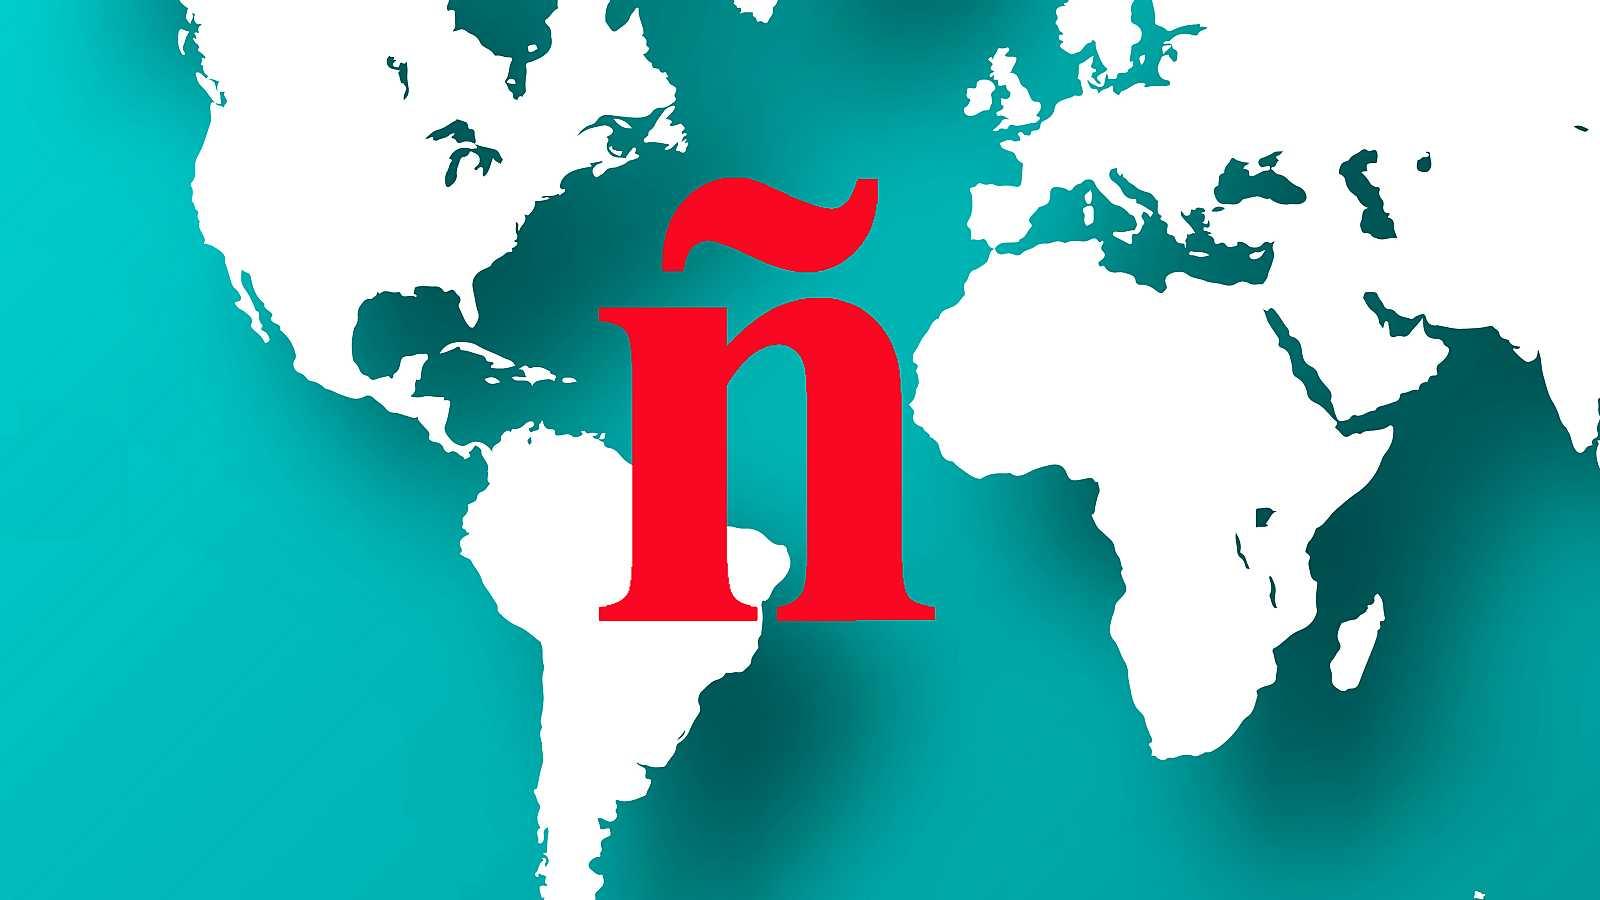 Punto de enlace - El español, un idioma con futuro y muchas percepciones - 14/10/20 - escuchar ahora